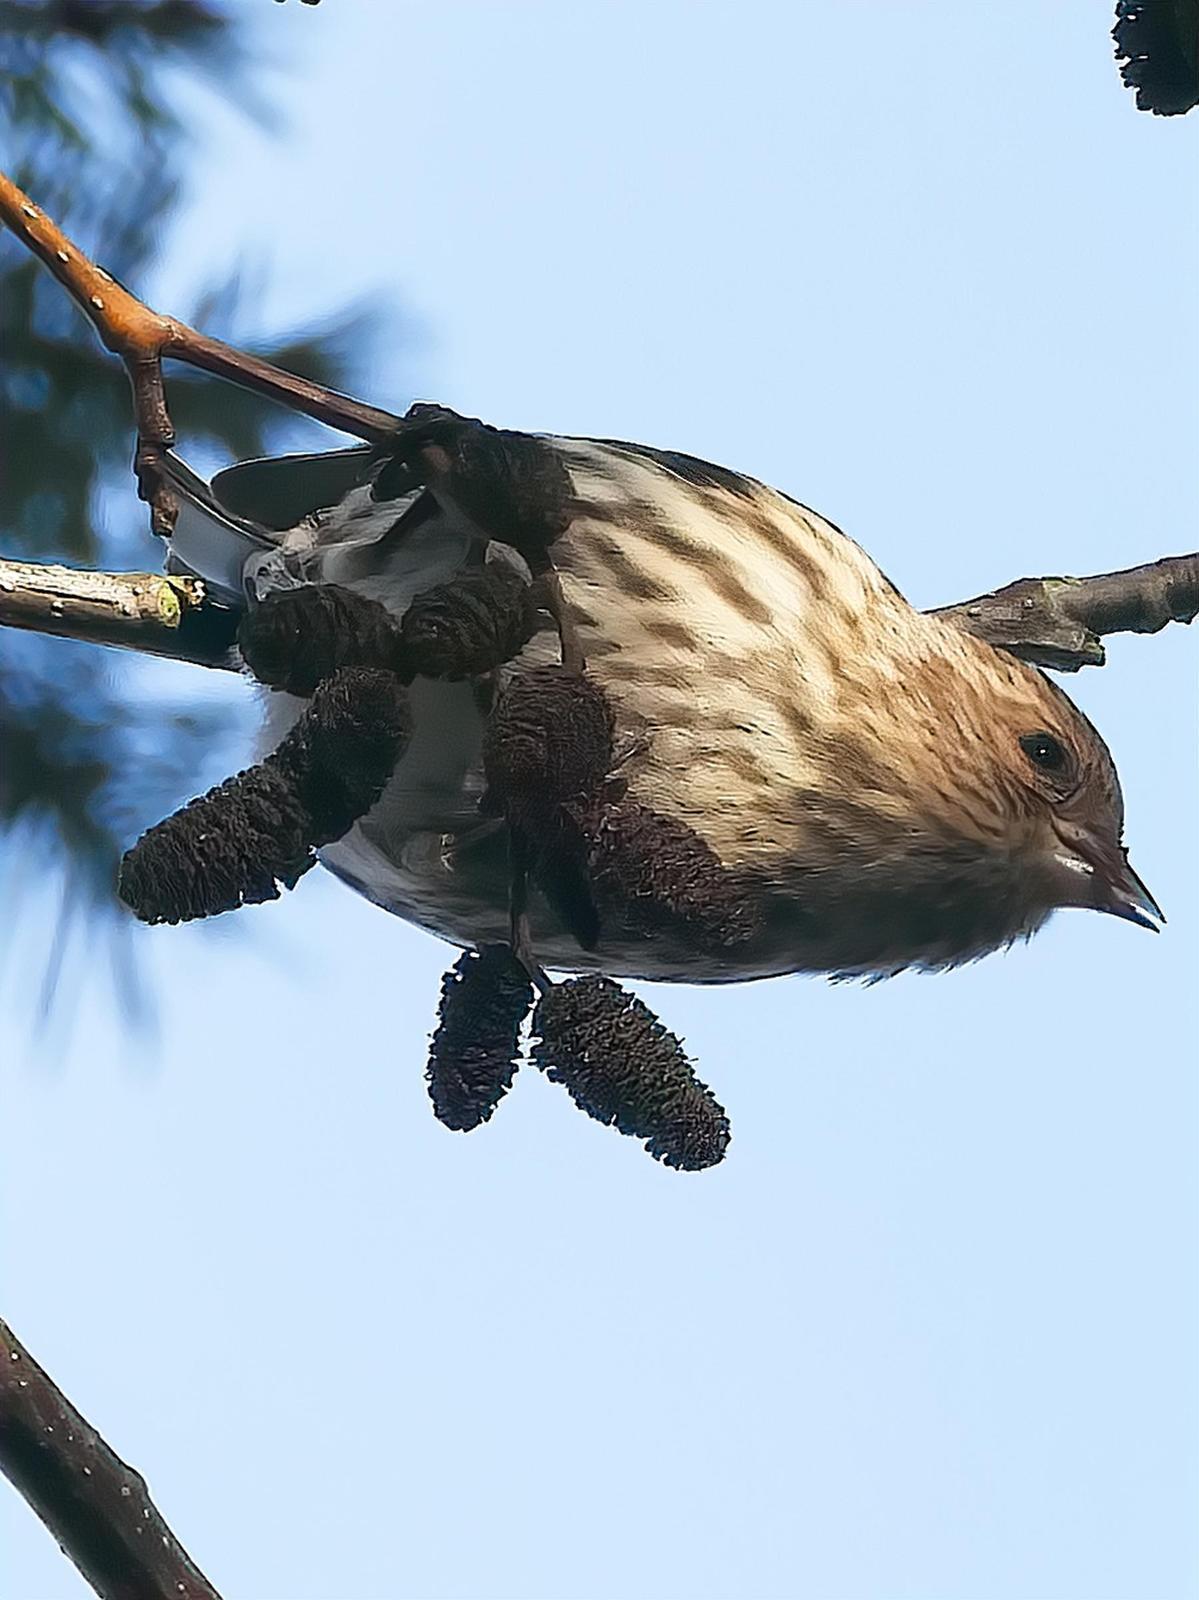 Pine Siskin Photo by Dan Tallman